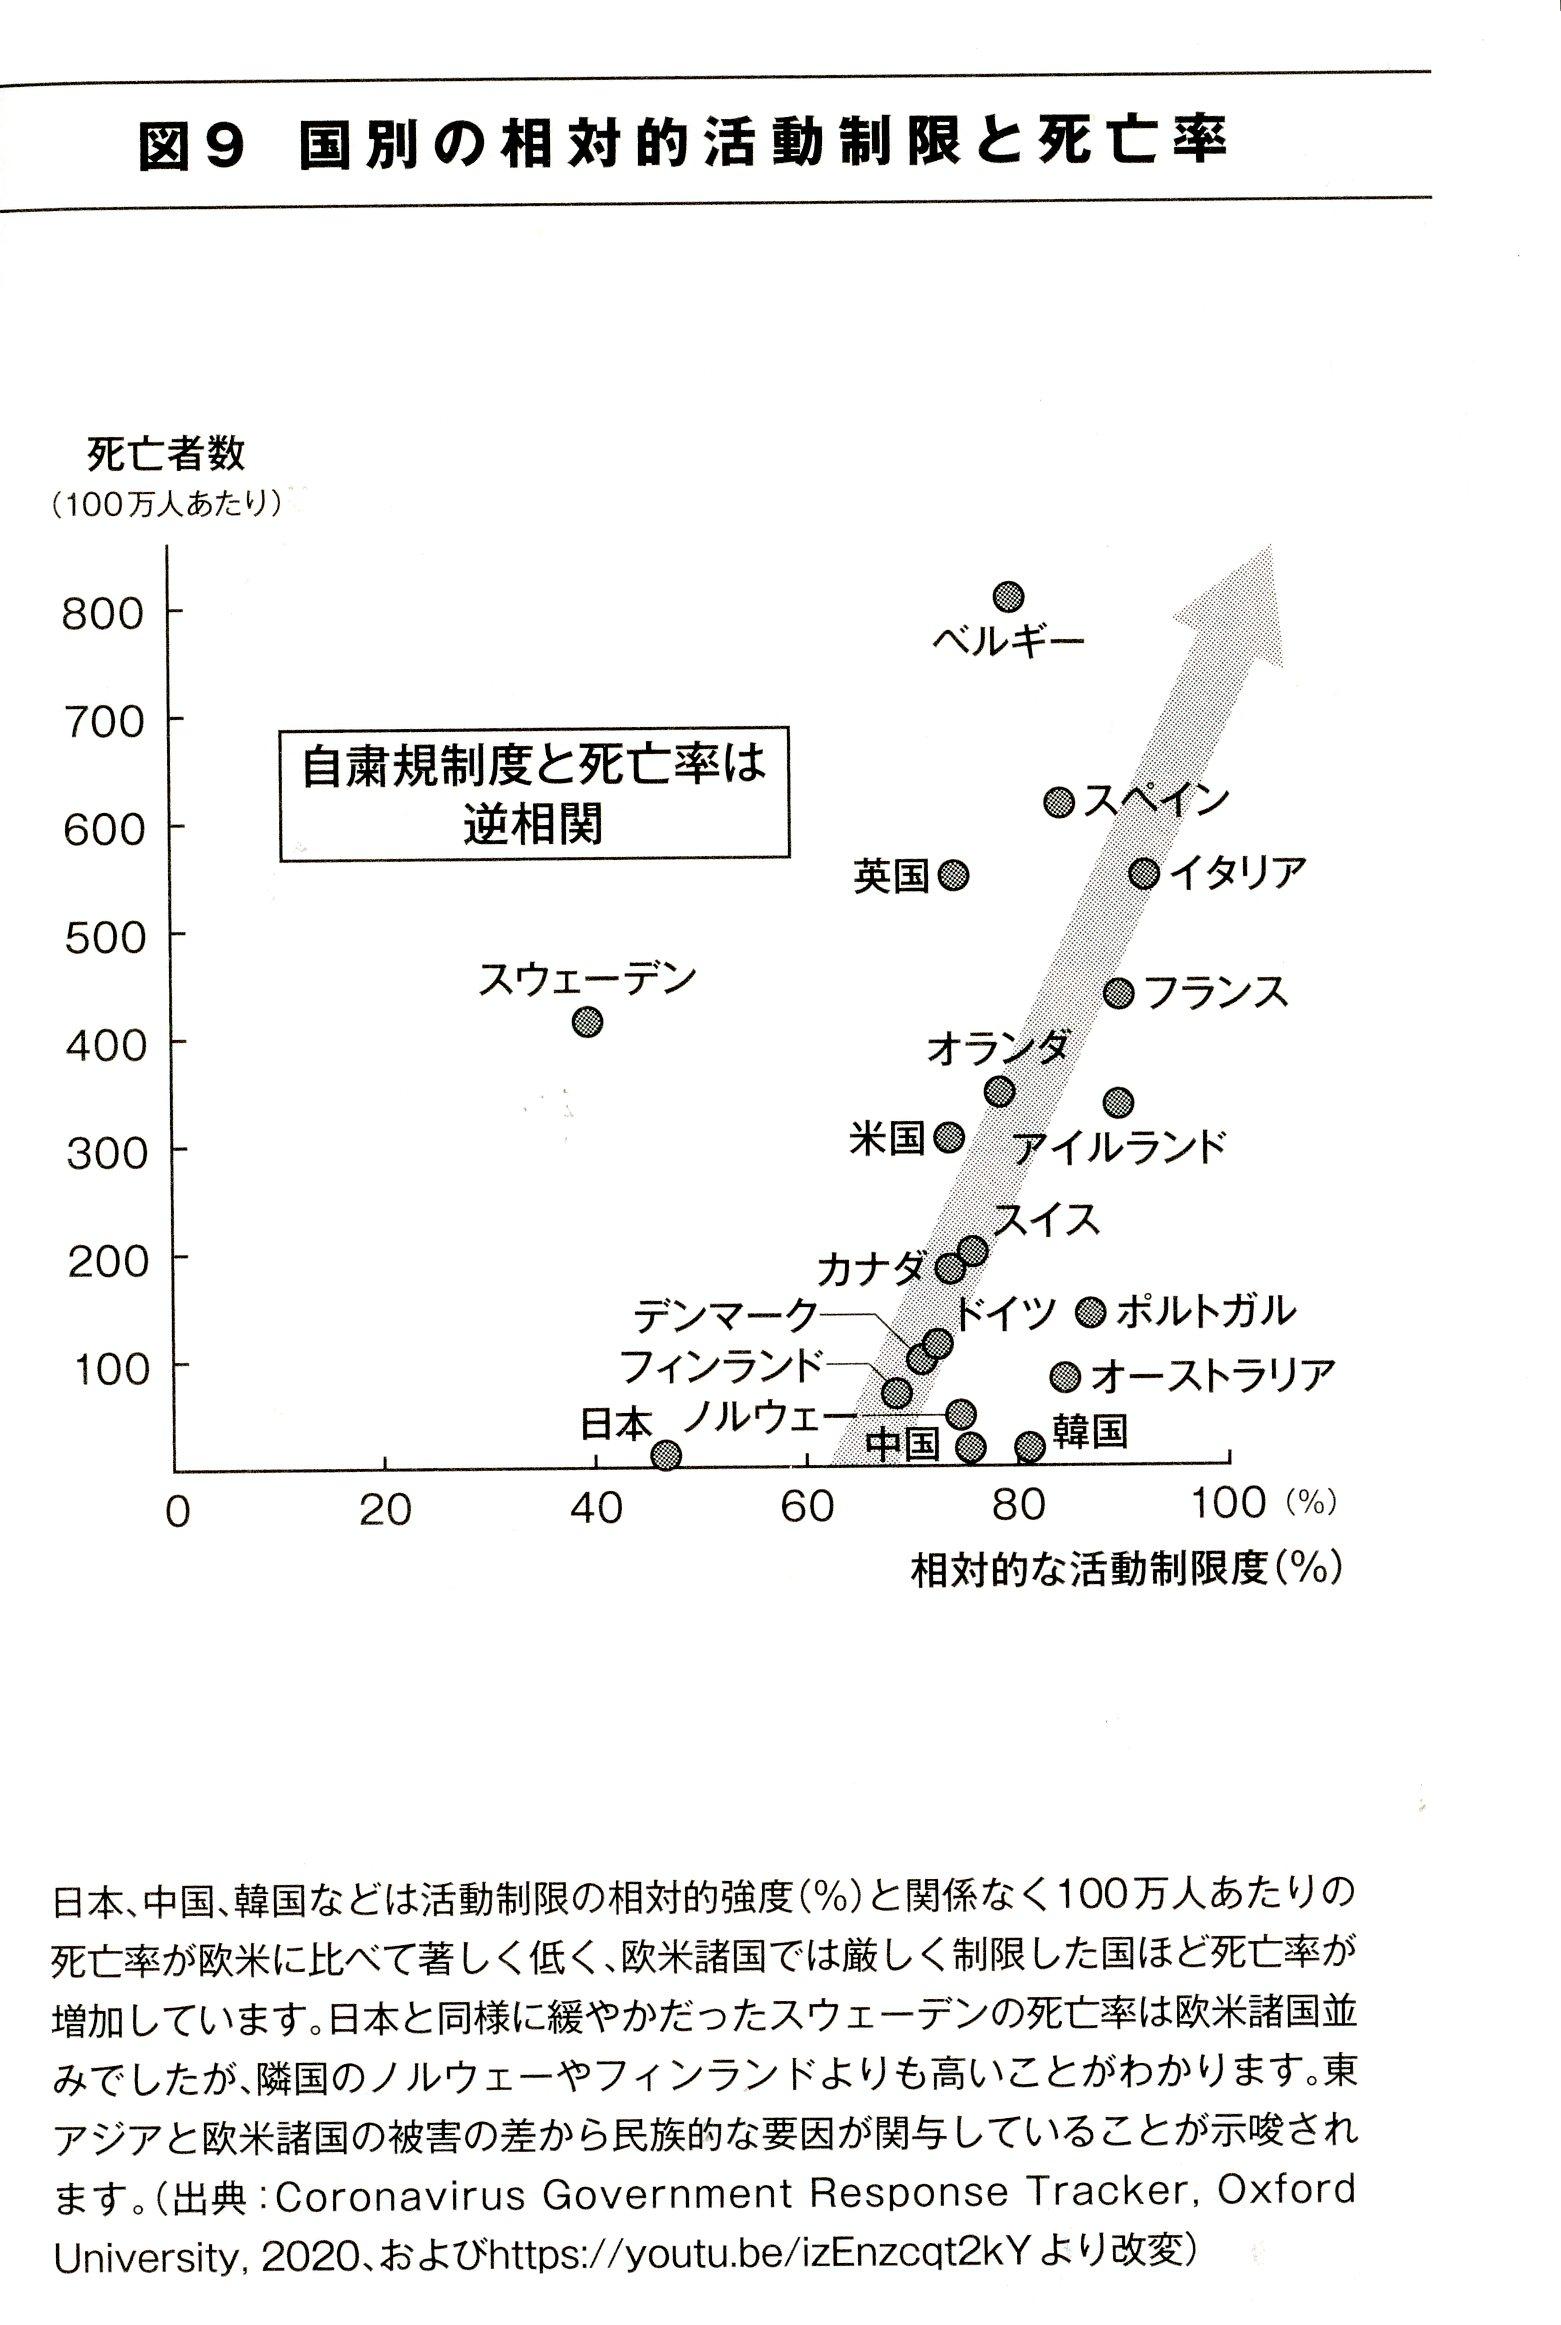 画像資料 「国別活動制限と死亡率」 井上正康 『本当は怖くない新型コロナウイルス』p78